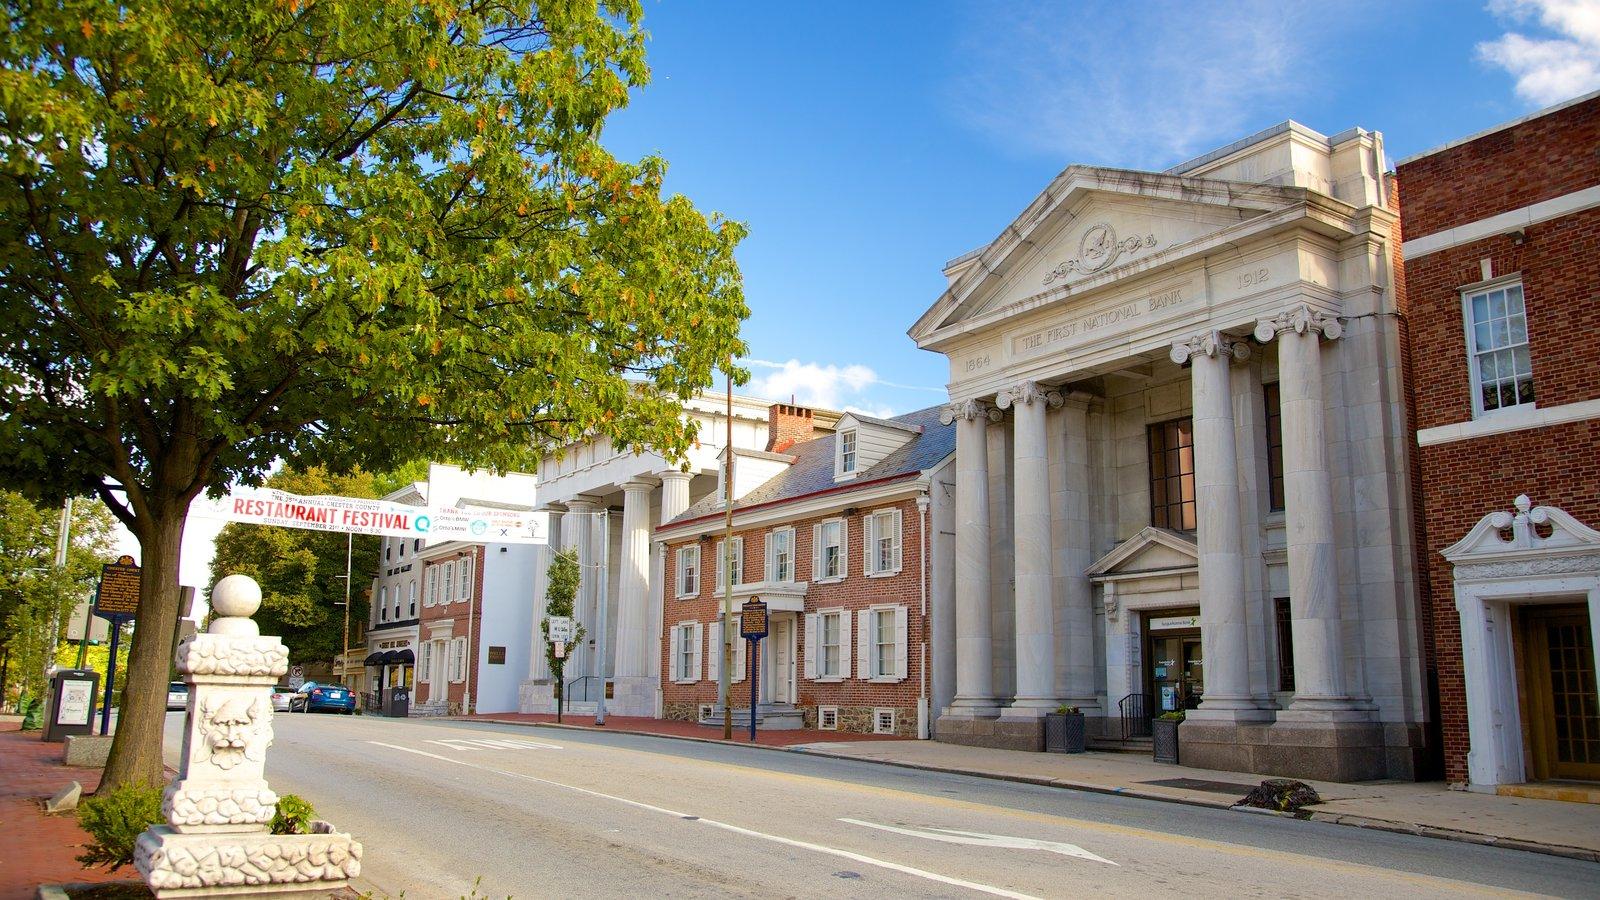 West Chester que incluye patrimonio de arquitectura